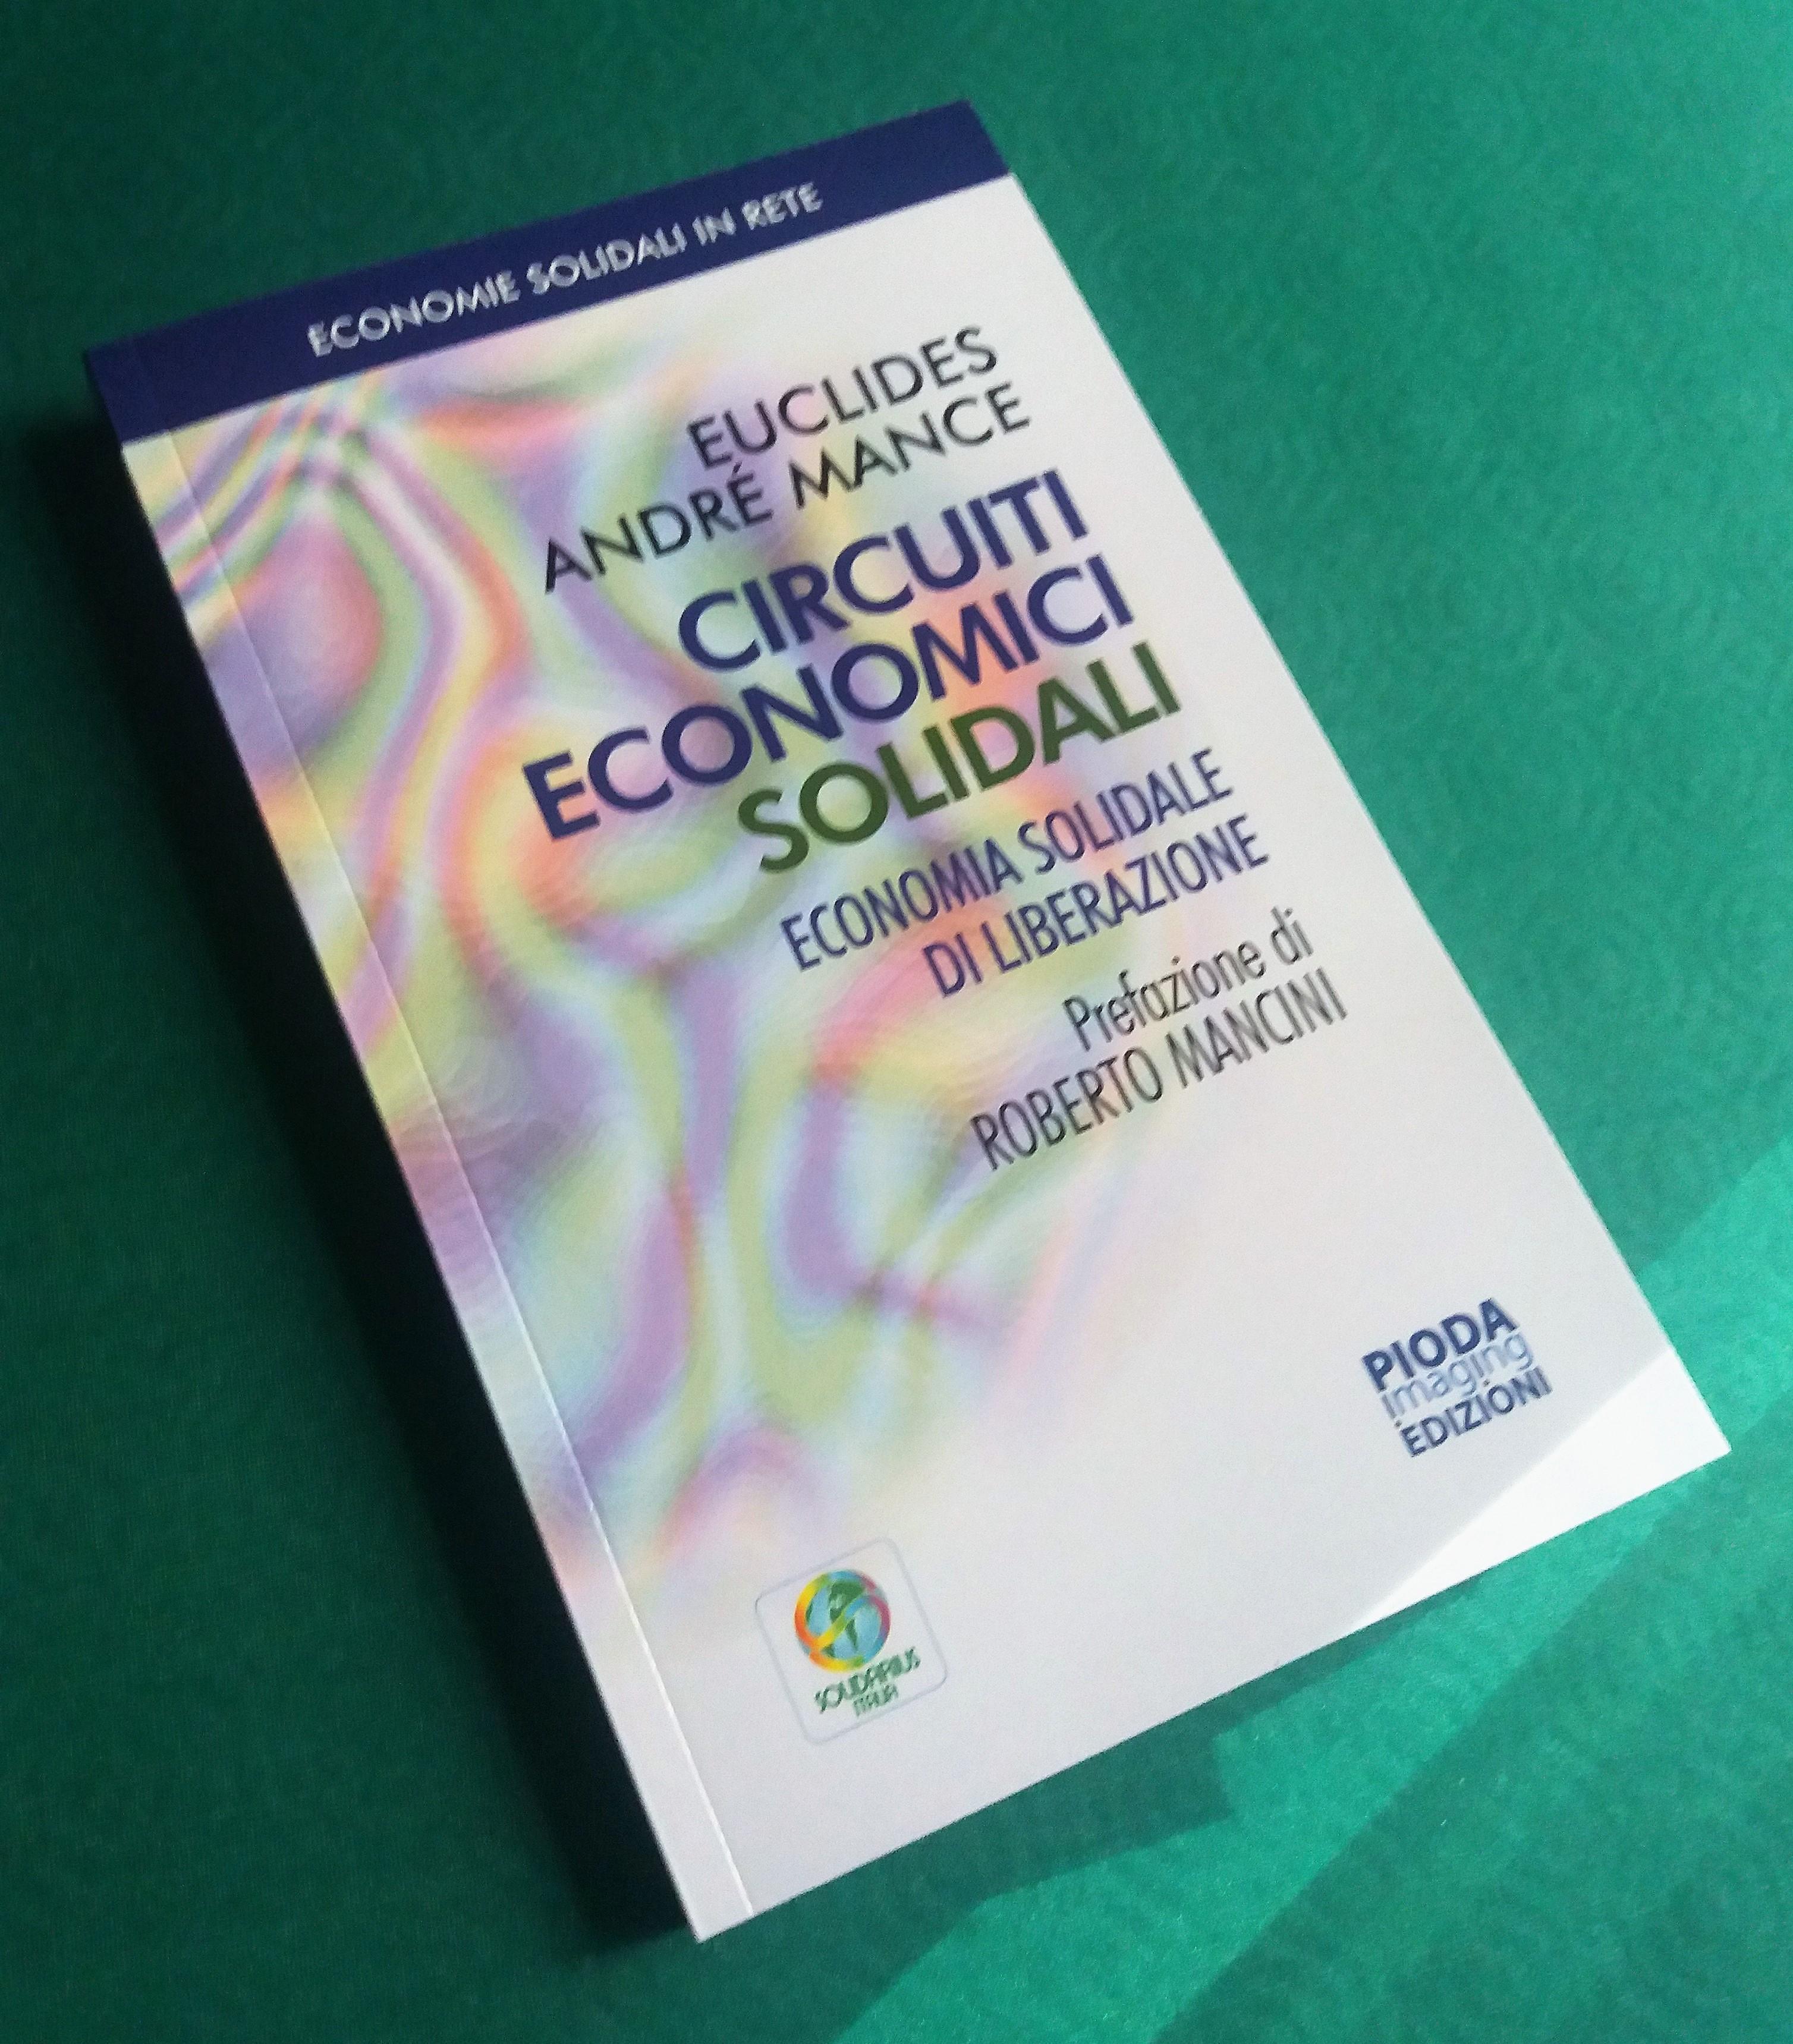 Circuiti economici solidali – Economia solidale di liberazione Book Cover